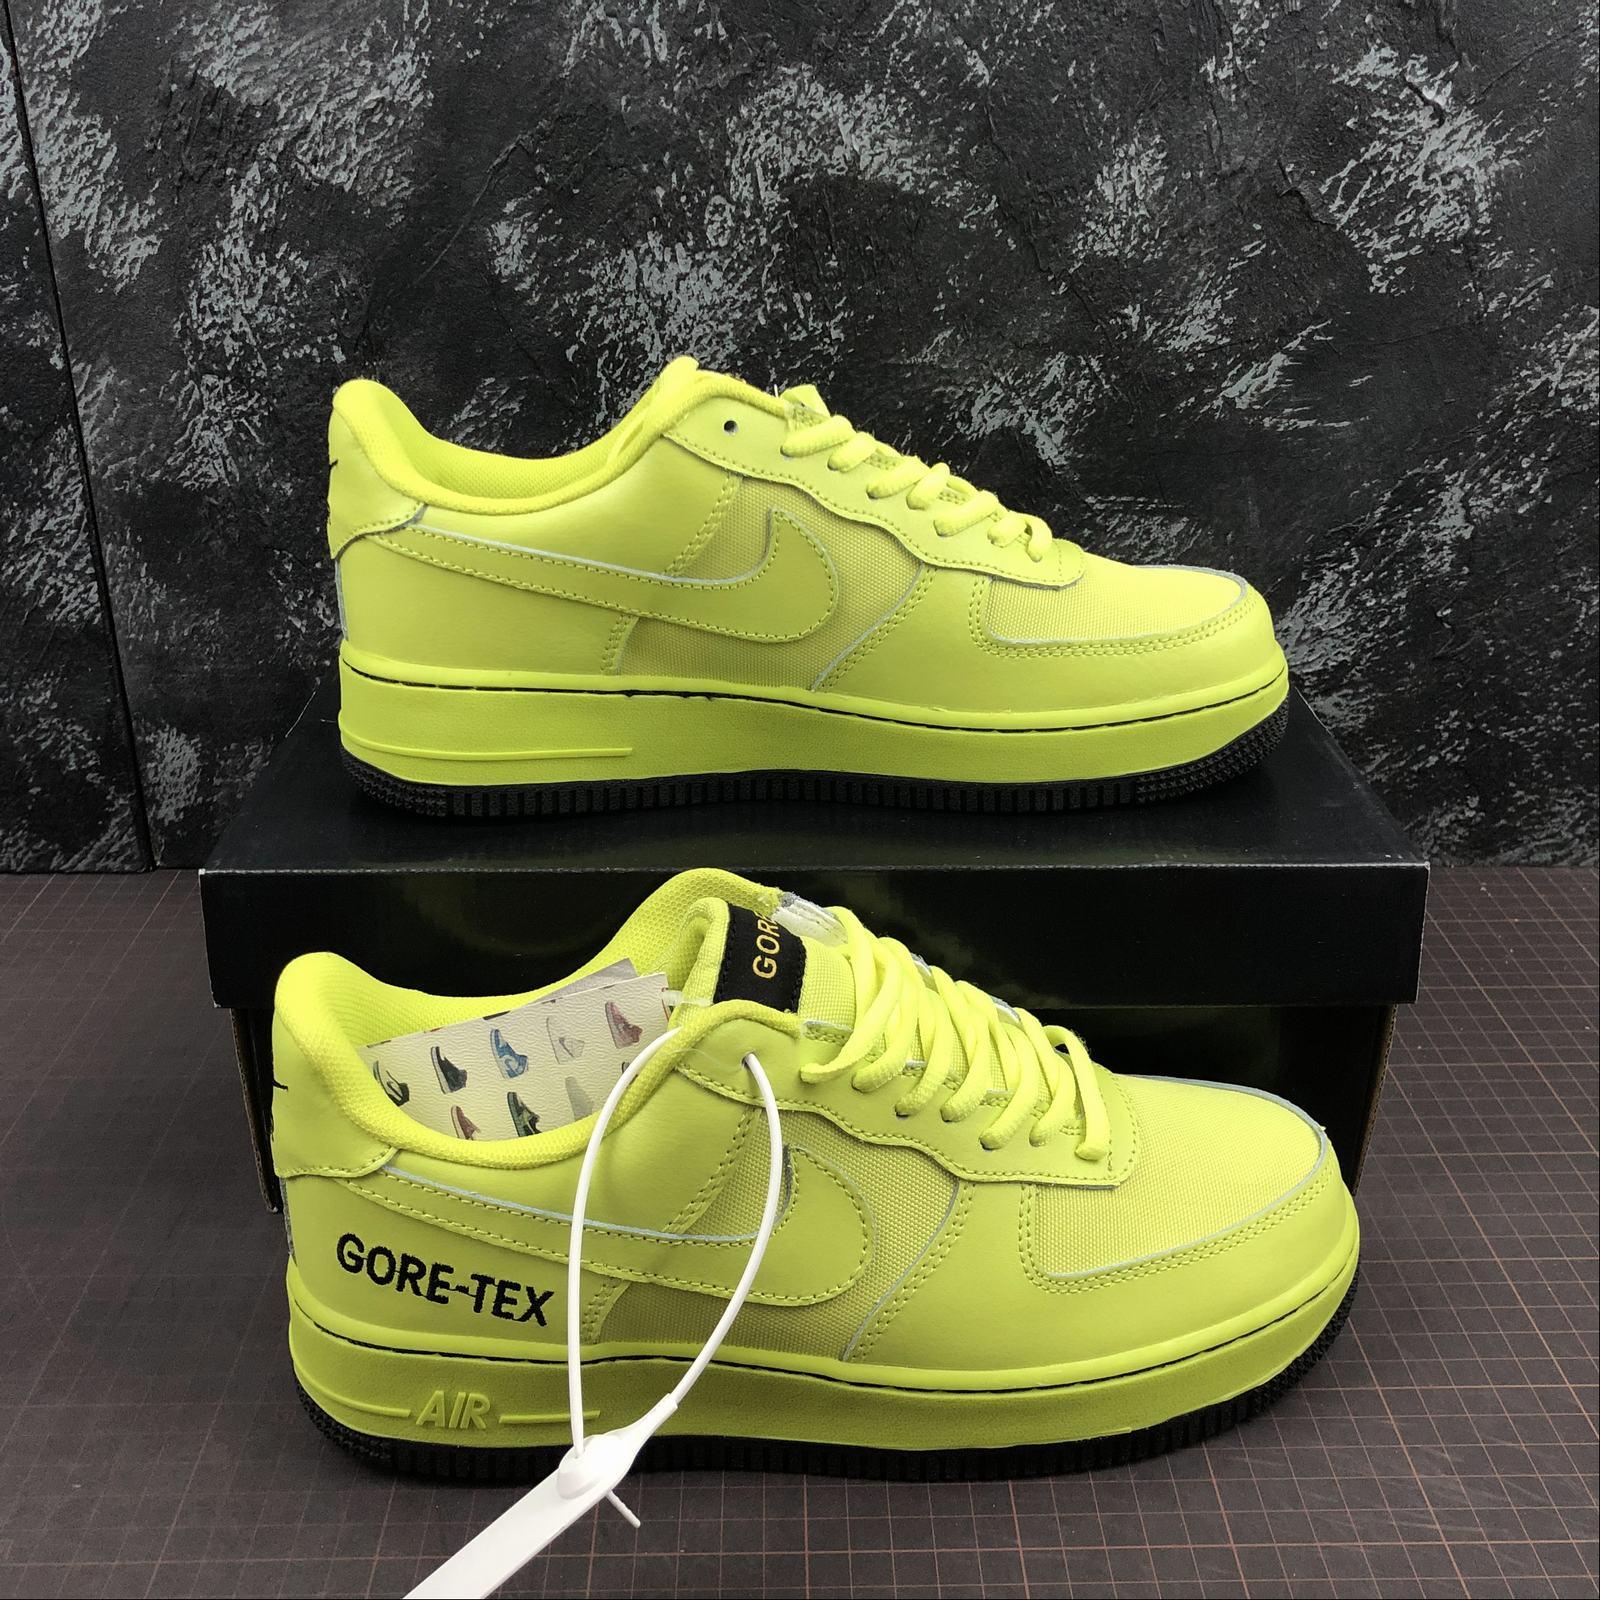 giay-sneaker-nike-gore-tex-x-air-force-1-07-ck2630-700-da-non-chuoi